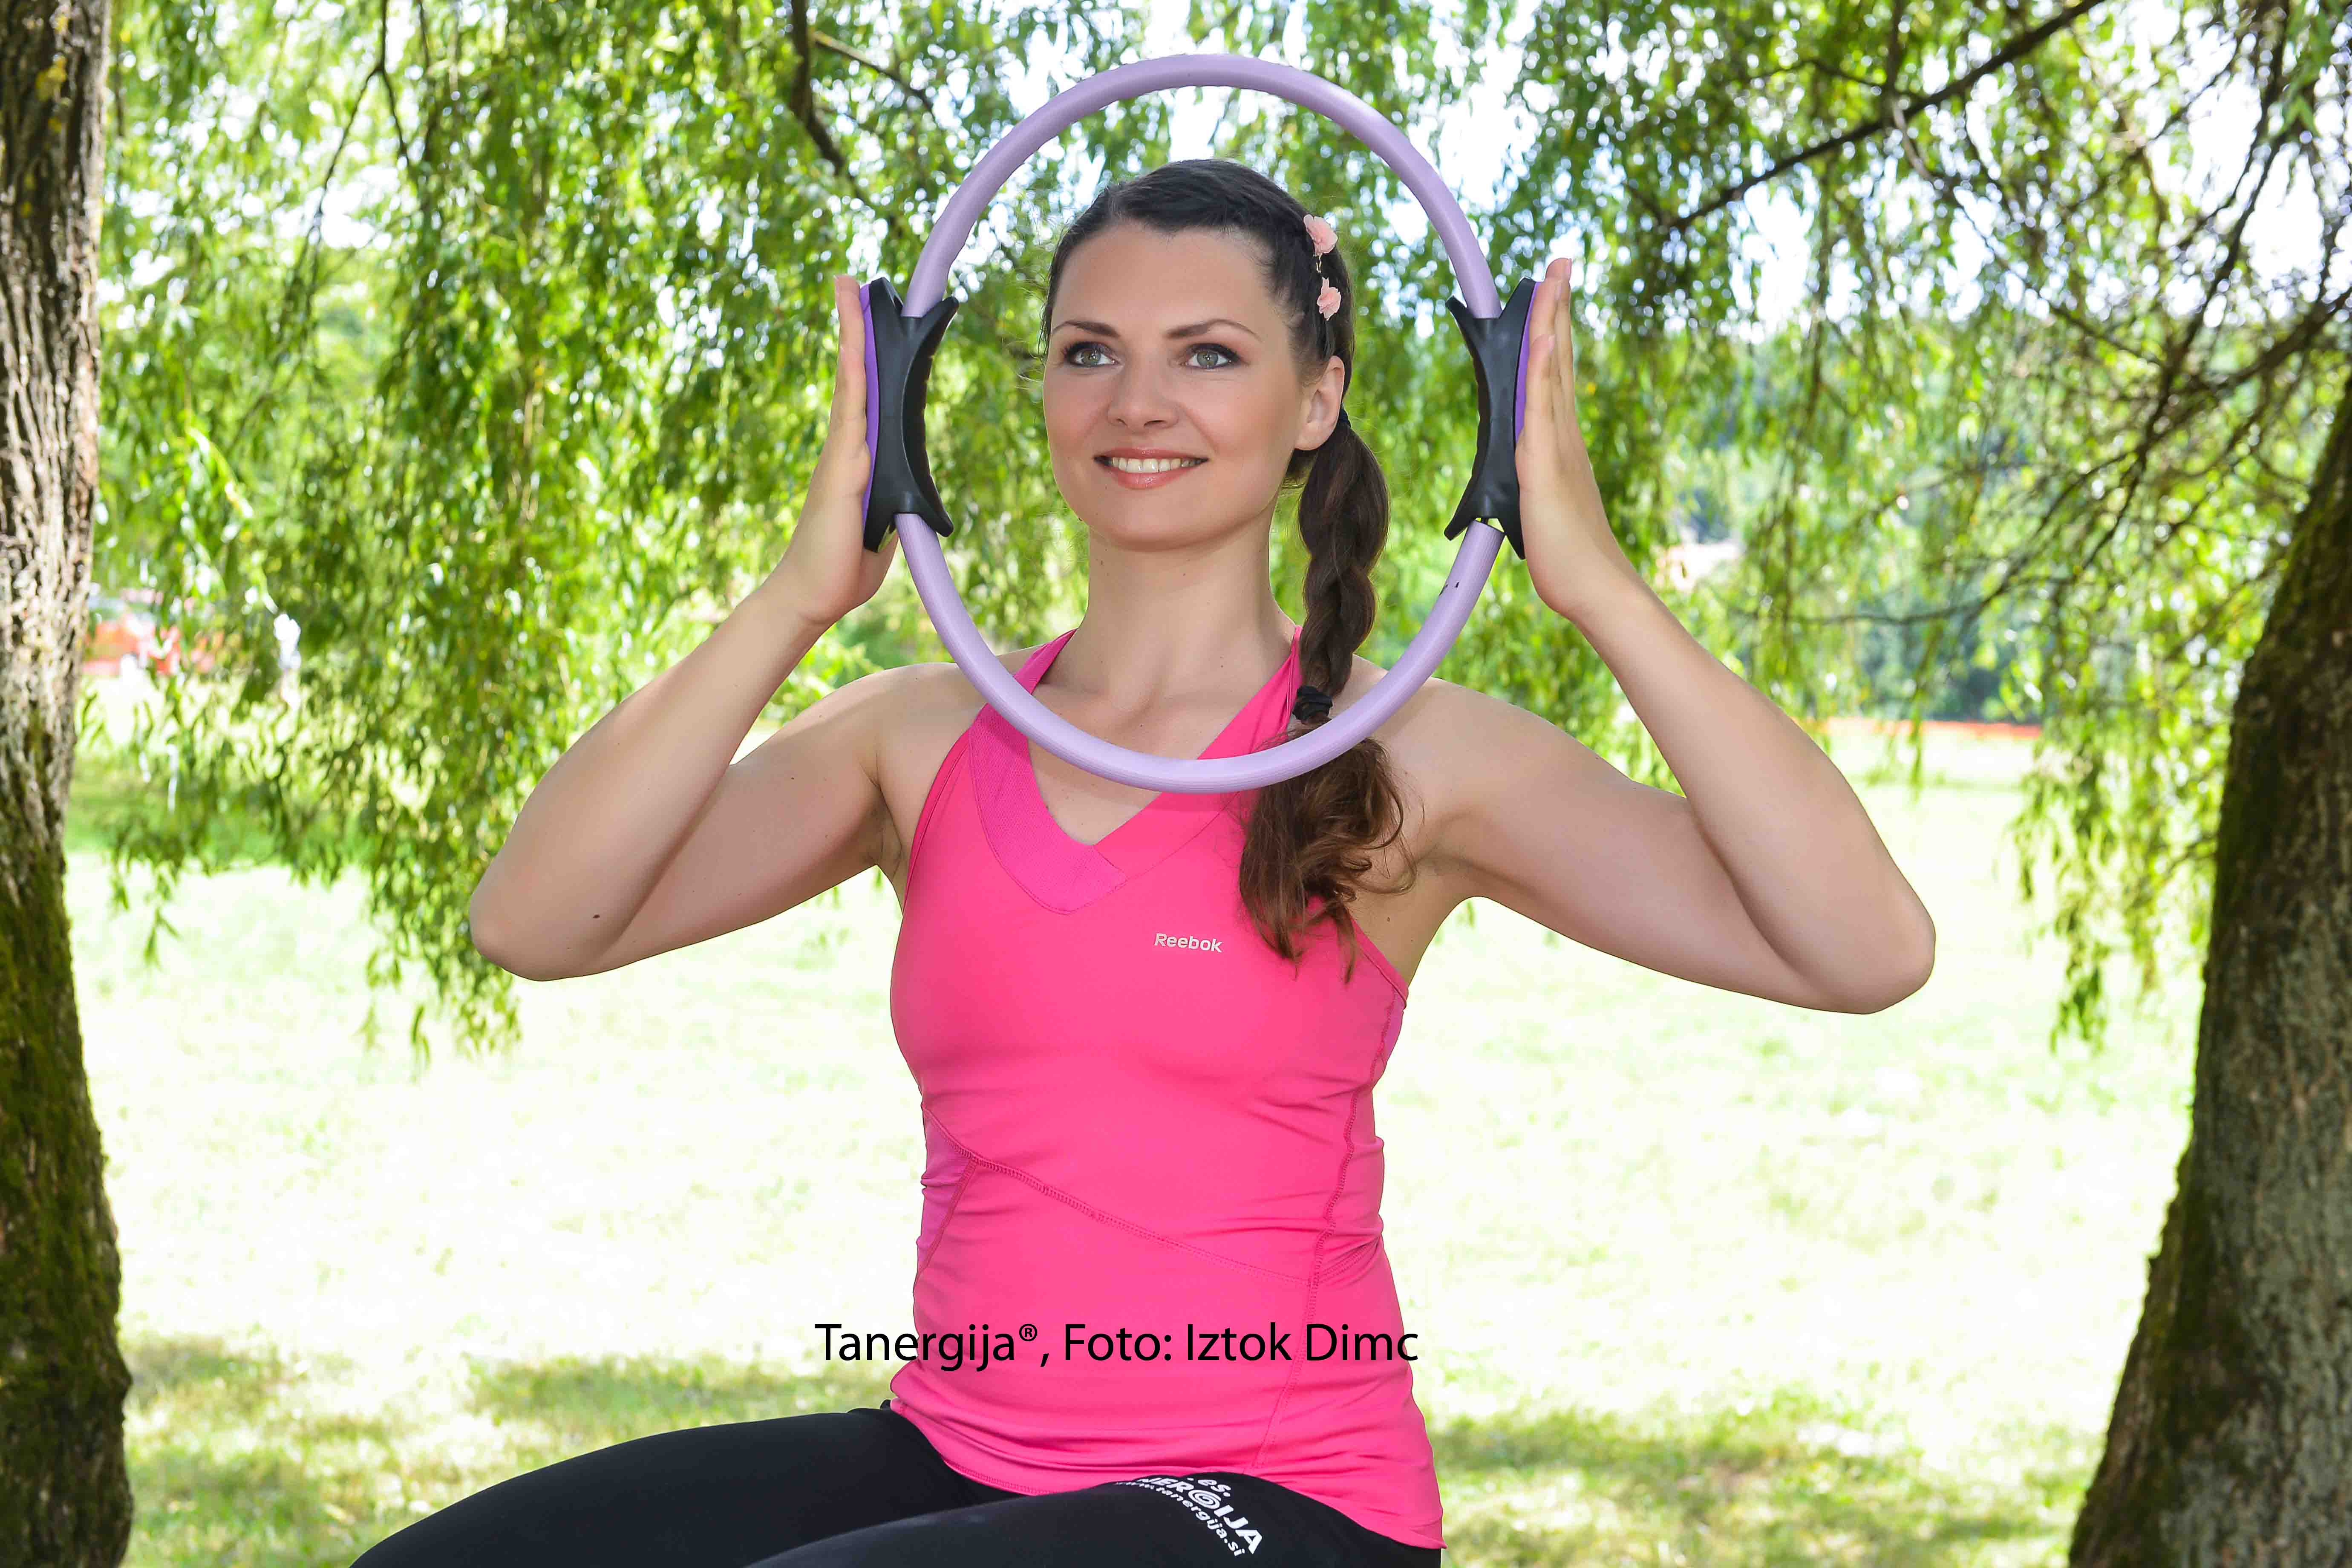 Pilates vadba v Tanergiji, 4. del